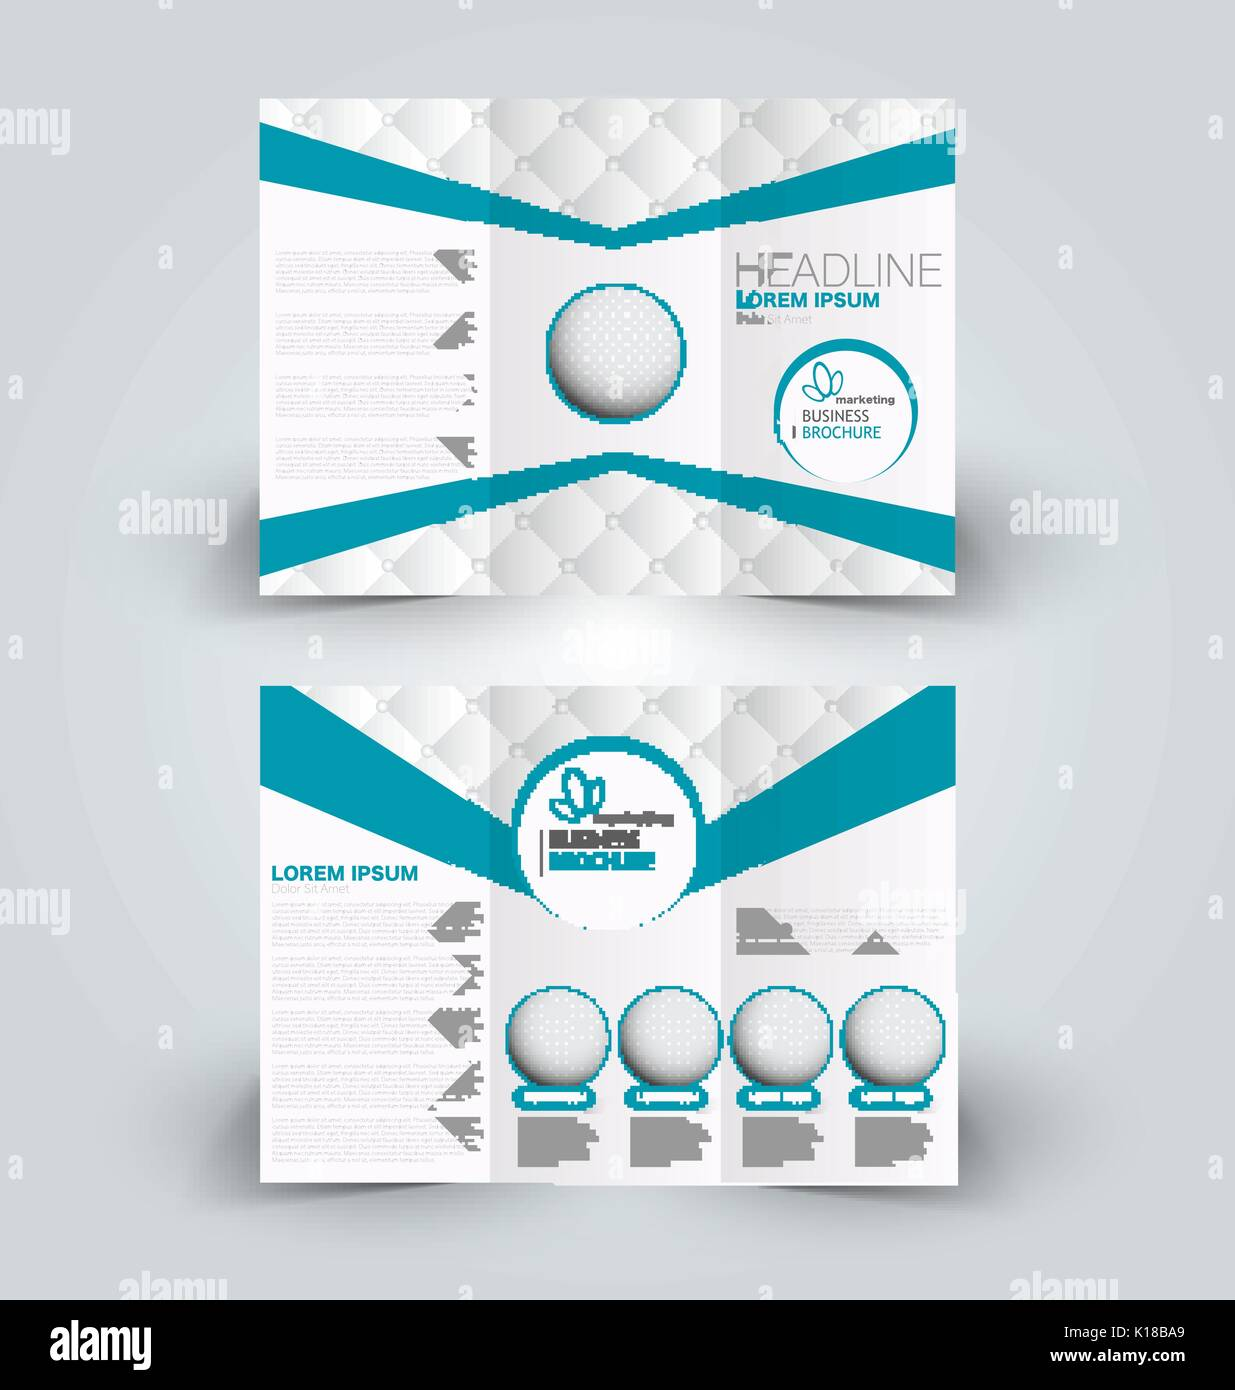 cd2b042bcc Folleto de la plantilla de diseño de maquetas para los negocios